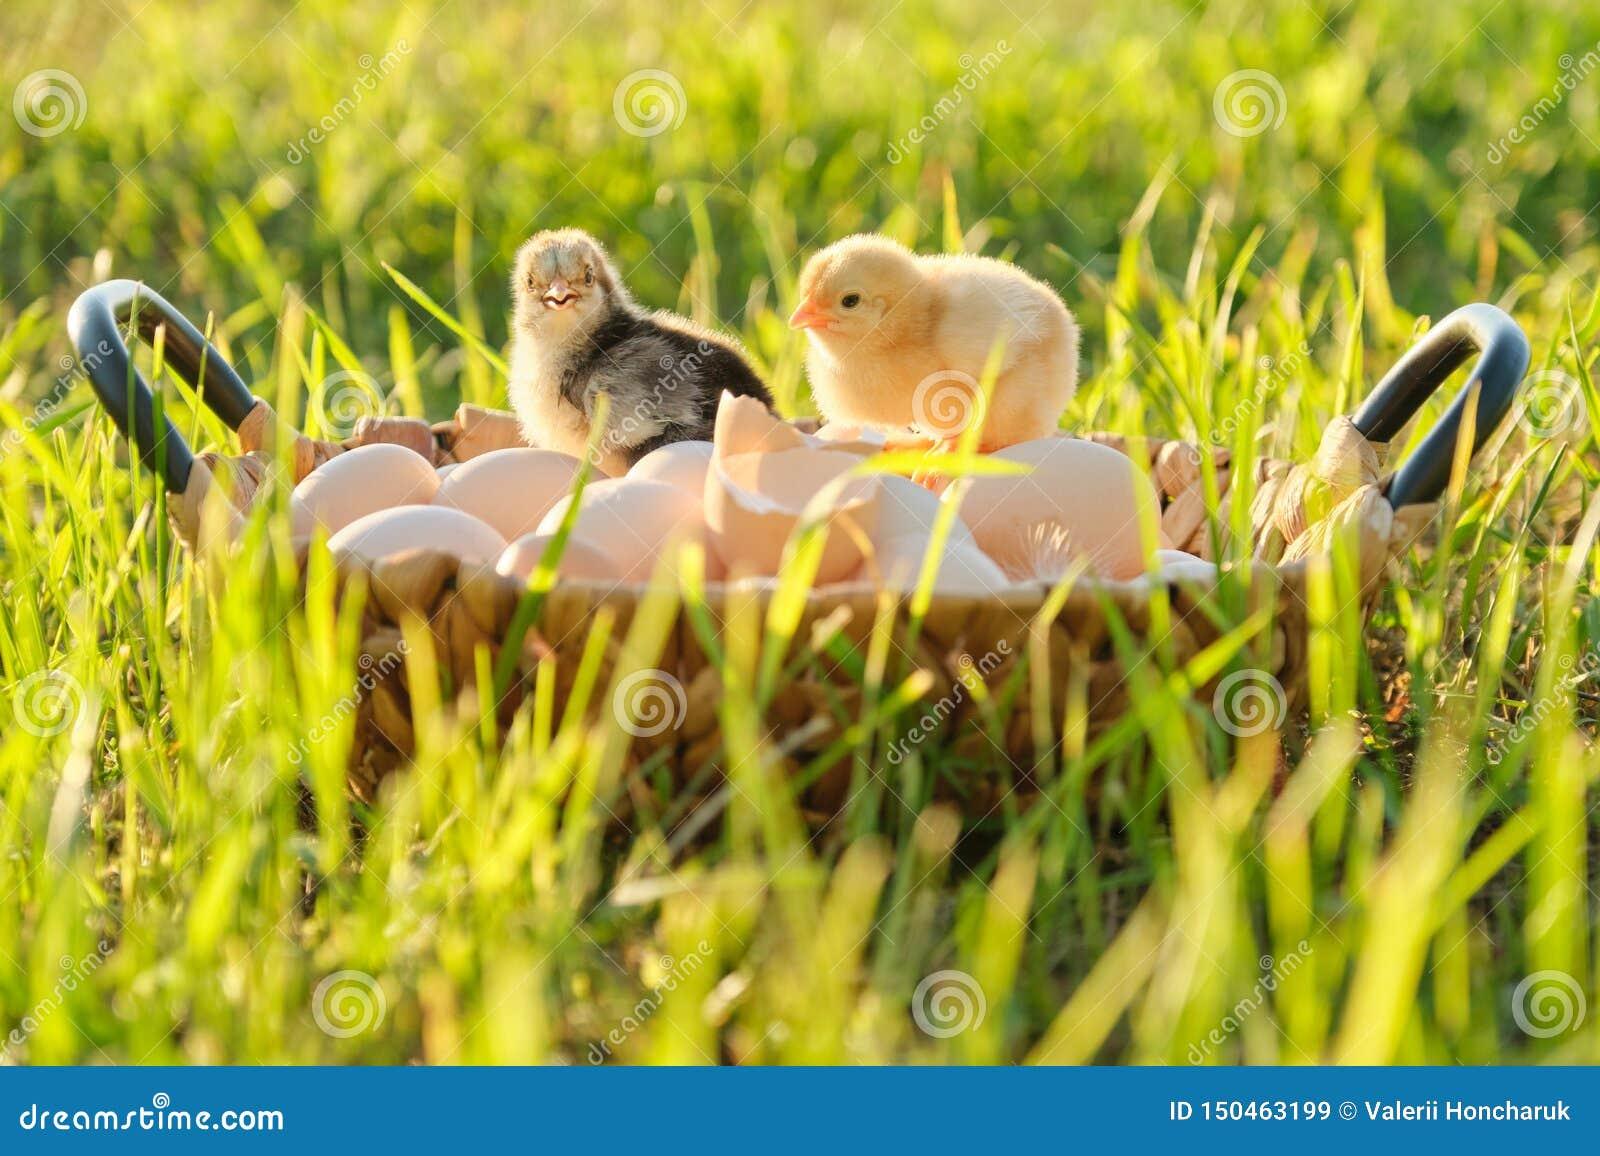 Korb mit natürlichen frischen Bio-Eiern mit zwei kleinen neugeborenen Babyhühnern, Grasnaturhintergrund